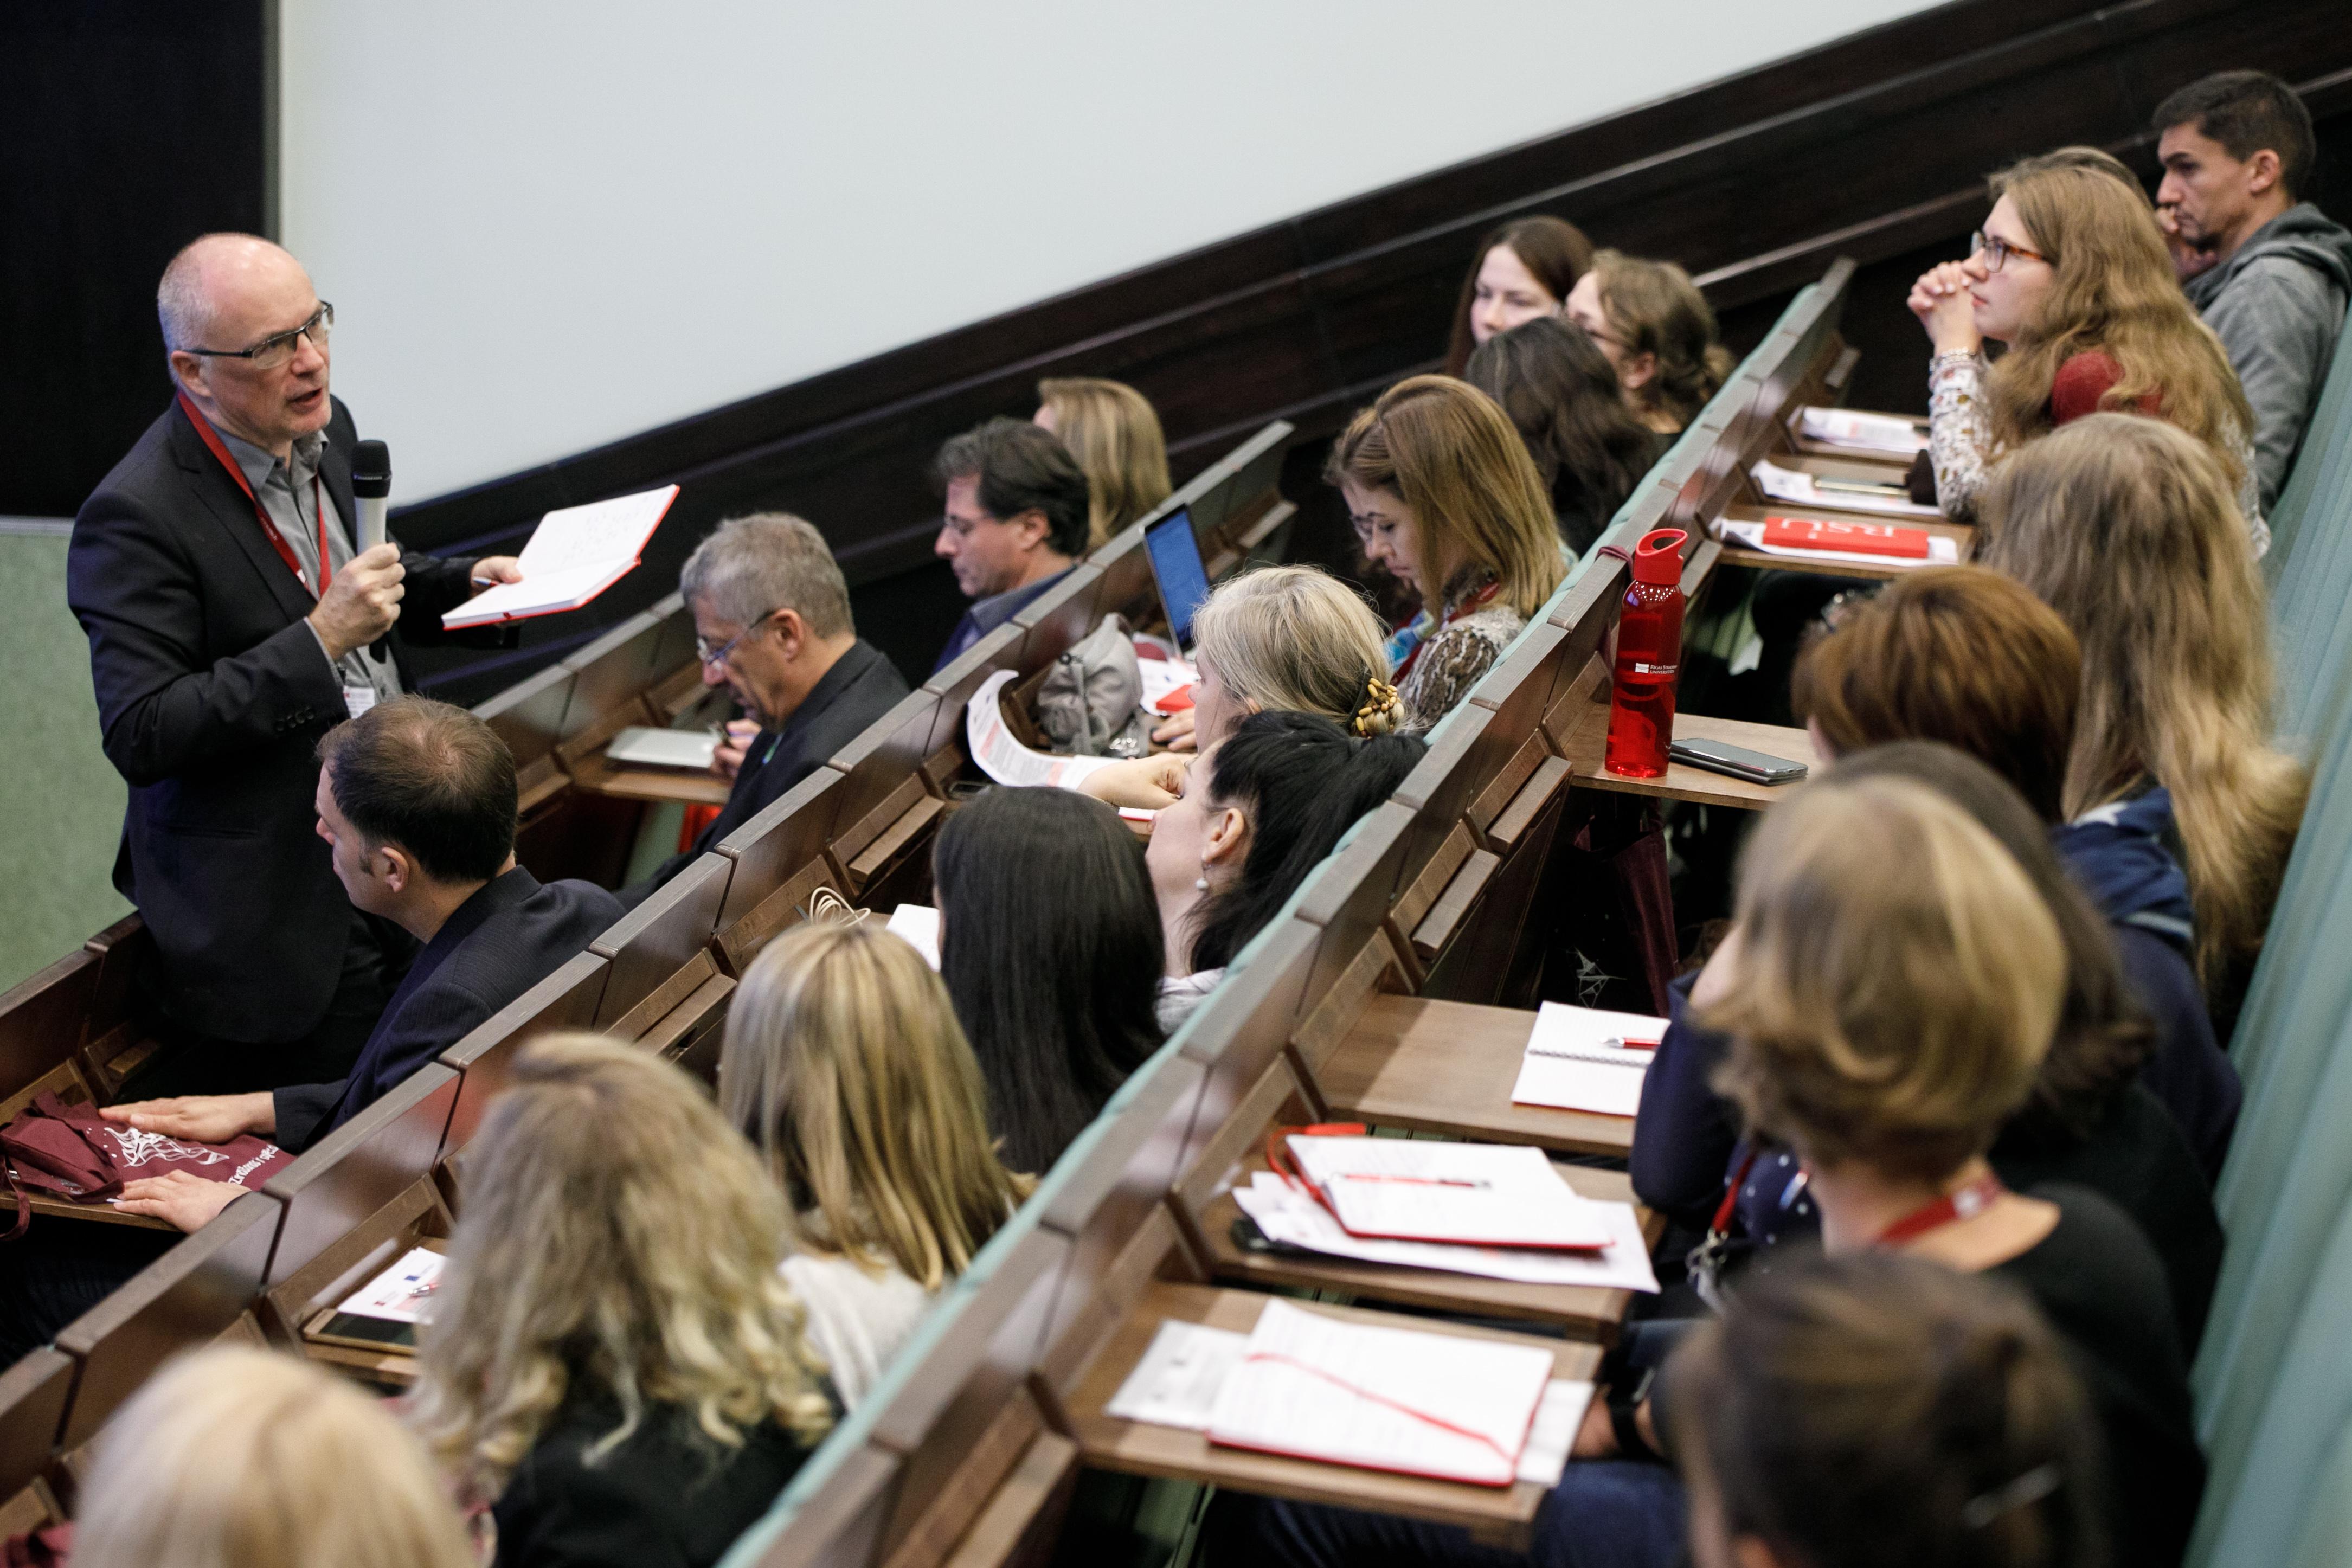 Photo prise lors d'une conférence dans un amphithéâtre. Un homme avec des cheveux blancs et lunettes s'exprime au micro tout en tenant un cahier. Nous voyons quelques personnes assises aux rangées de devant qui suivent la conférence.